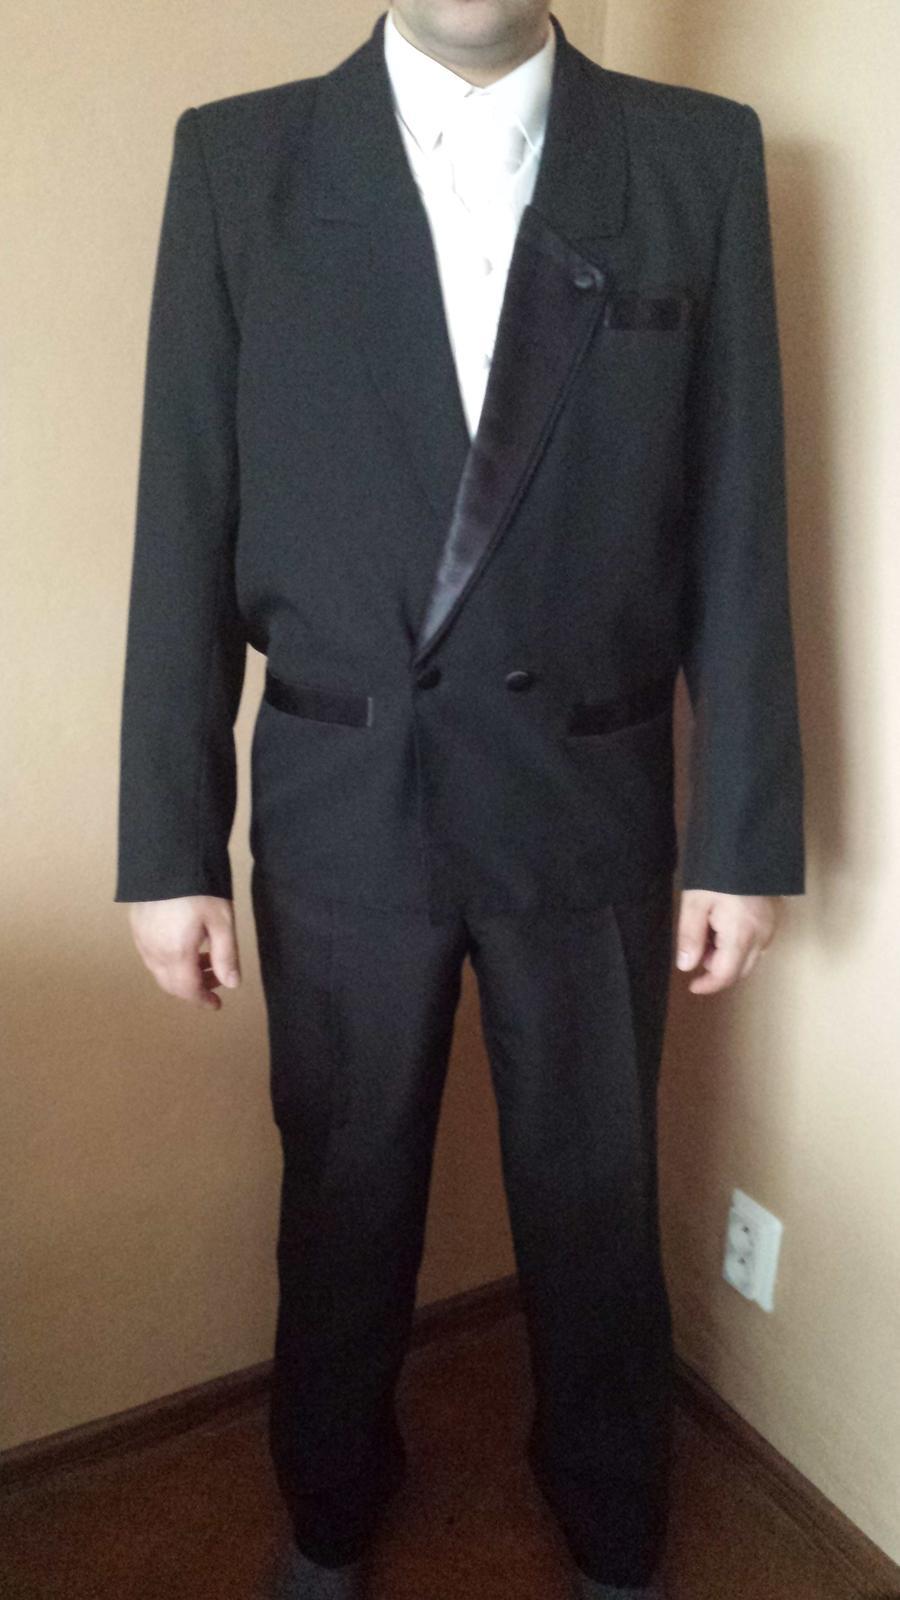 Čierny pánsky oblek - Obrázok č. 1